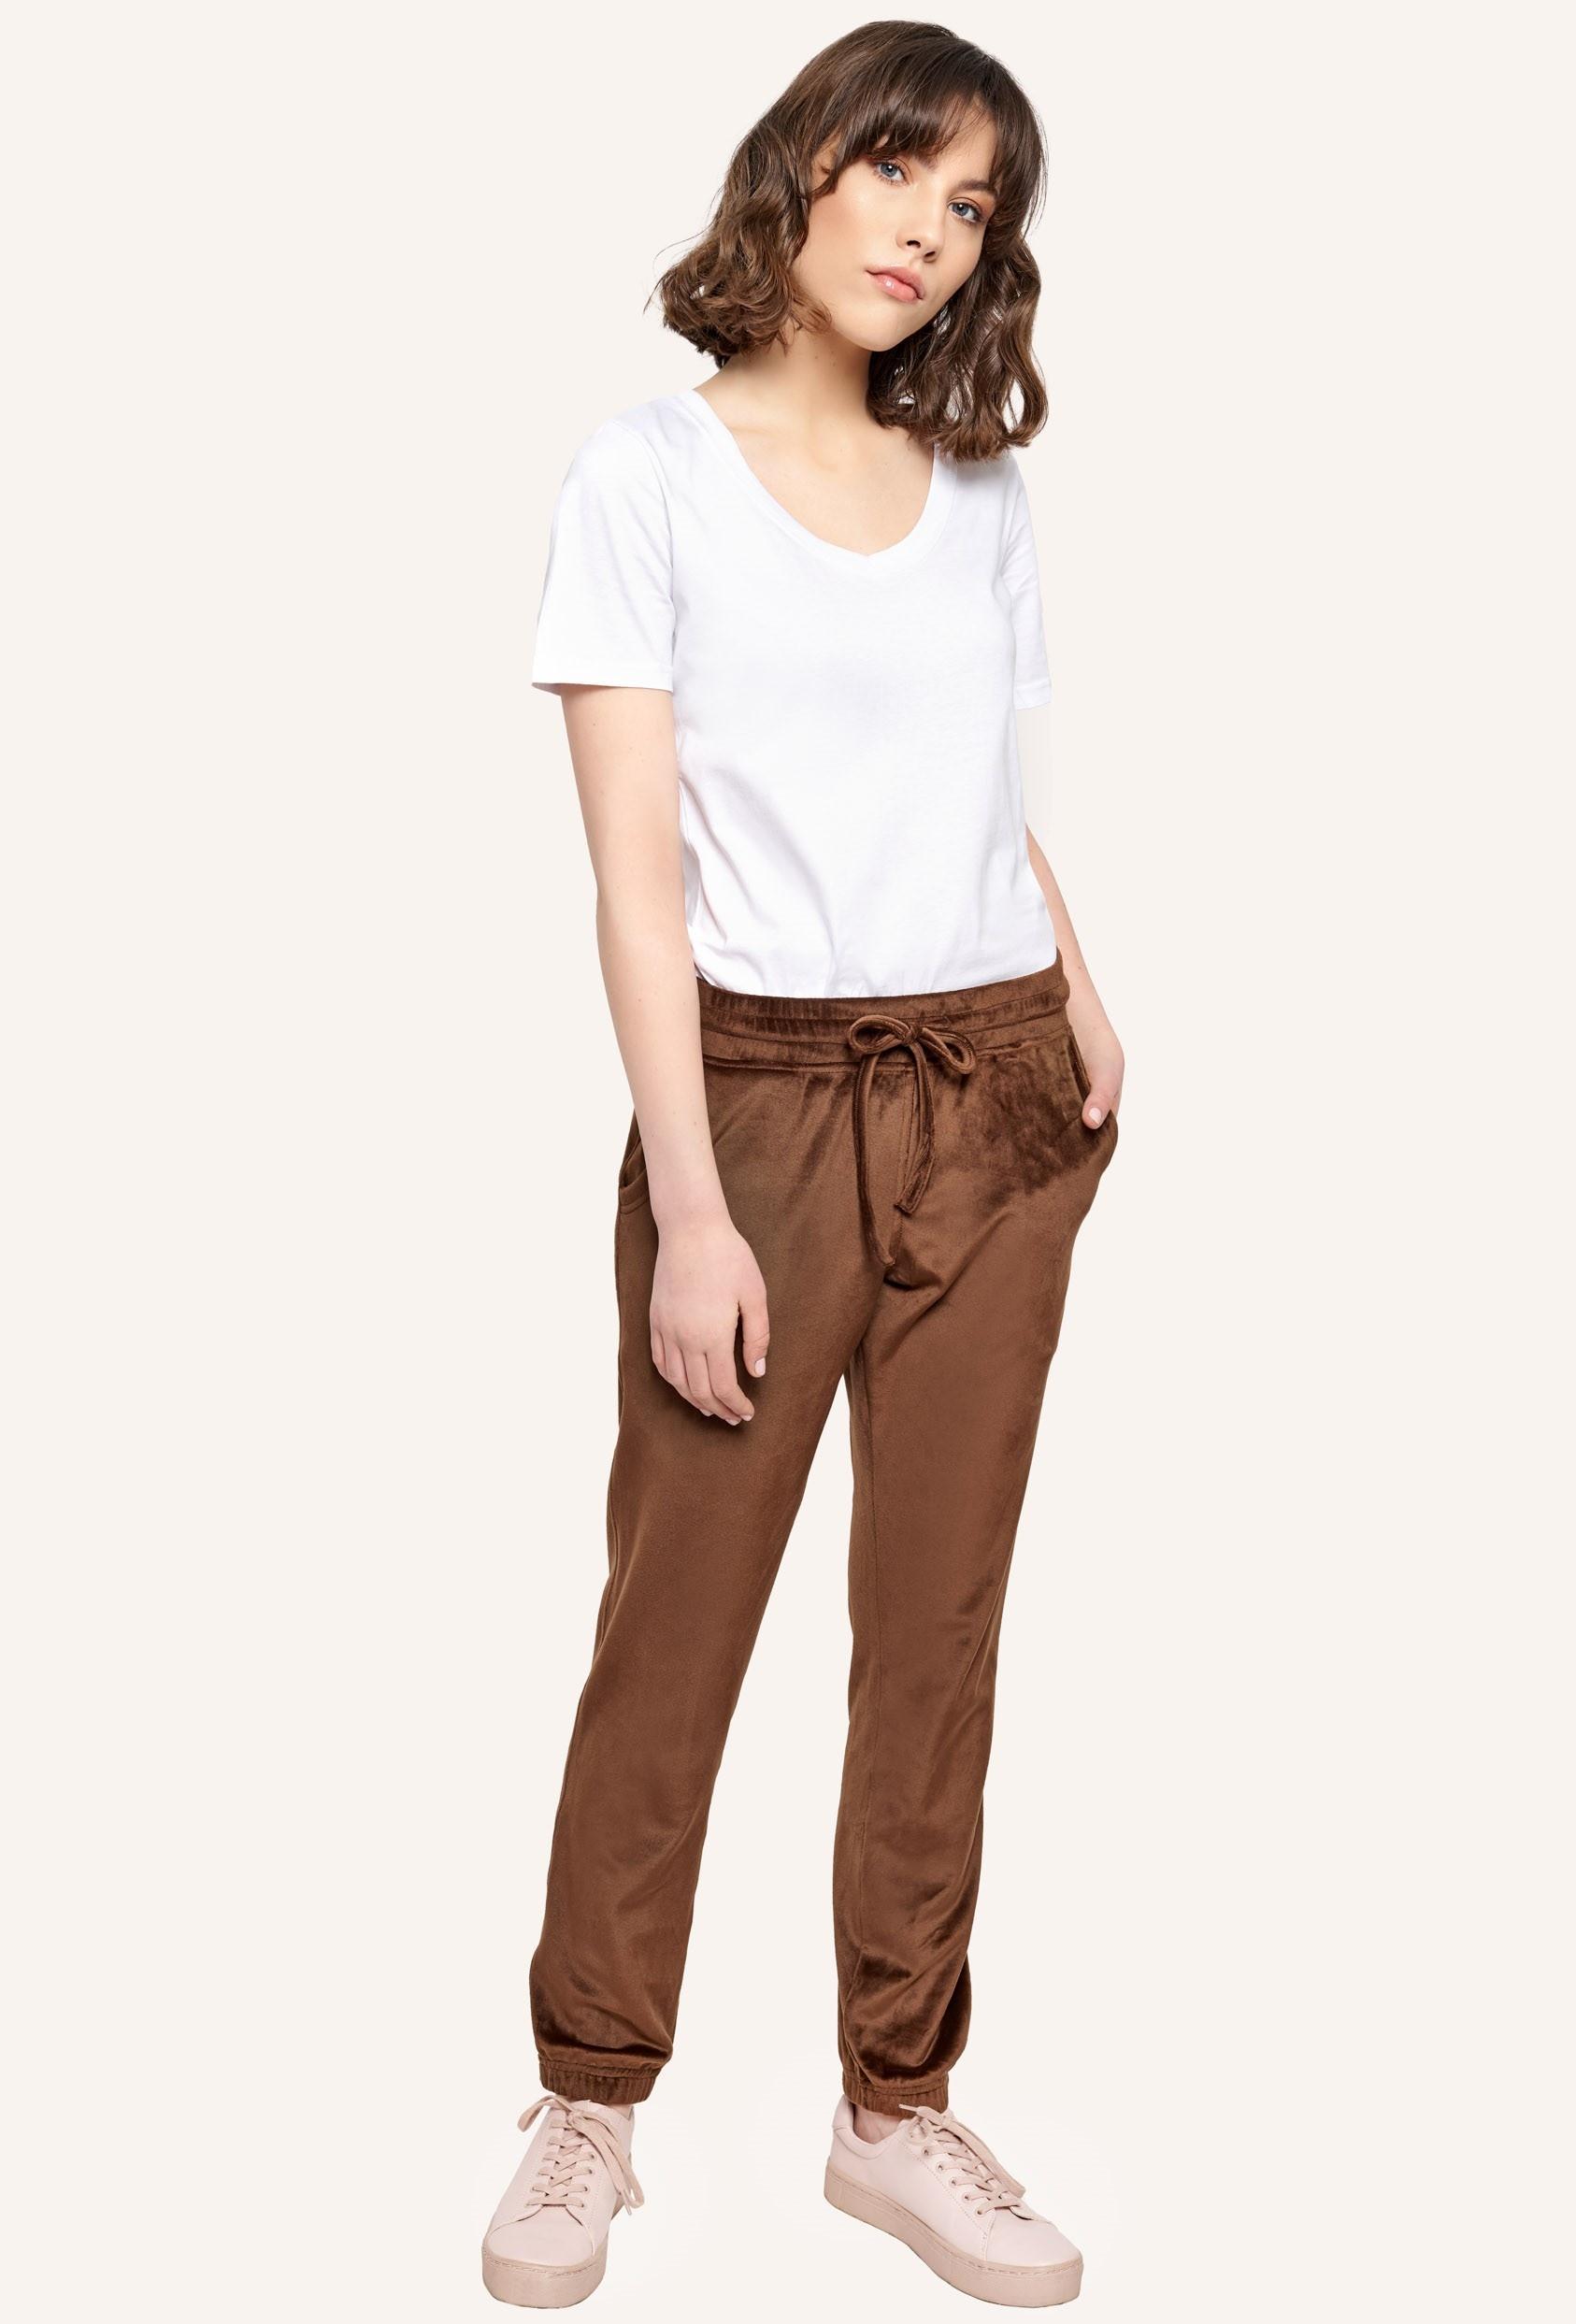 Spodnie welurowe MADALINE PANTS LTD brązowe